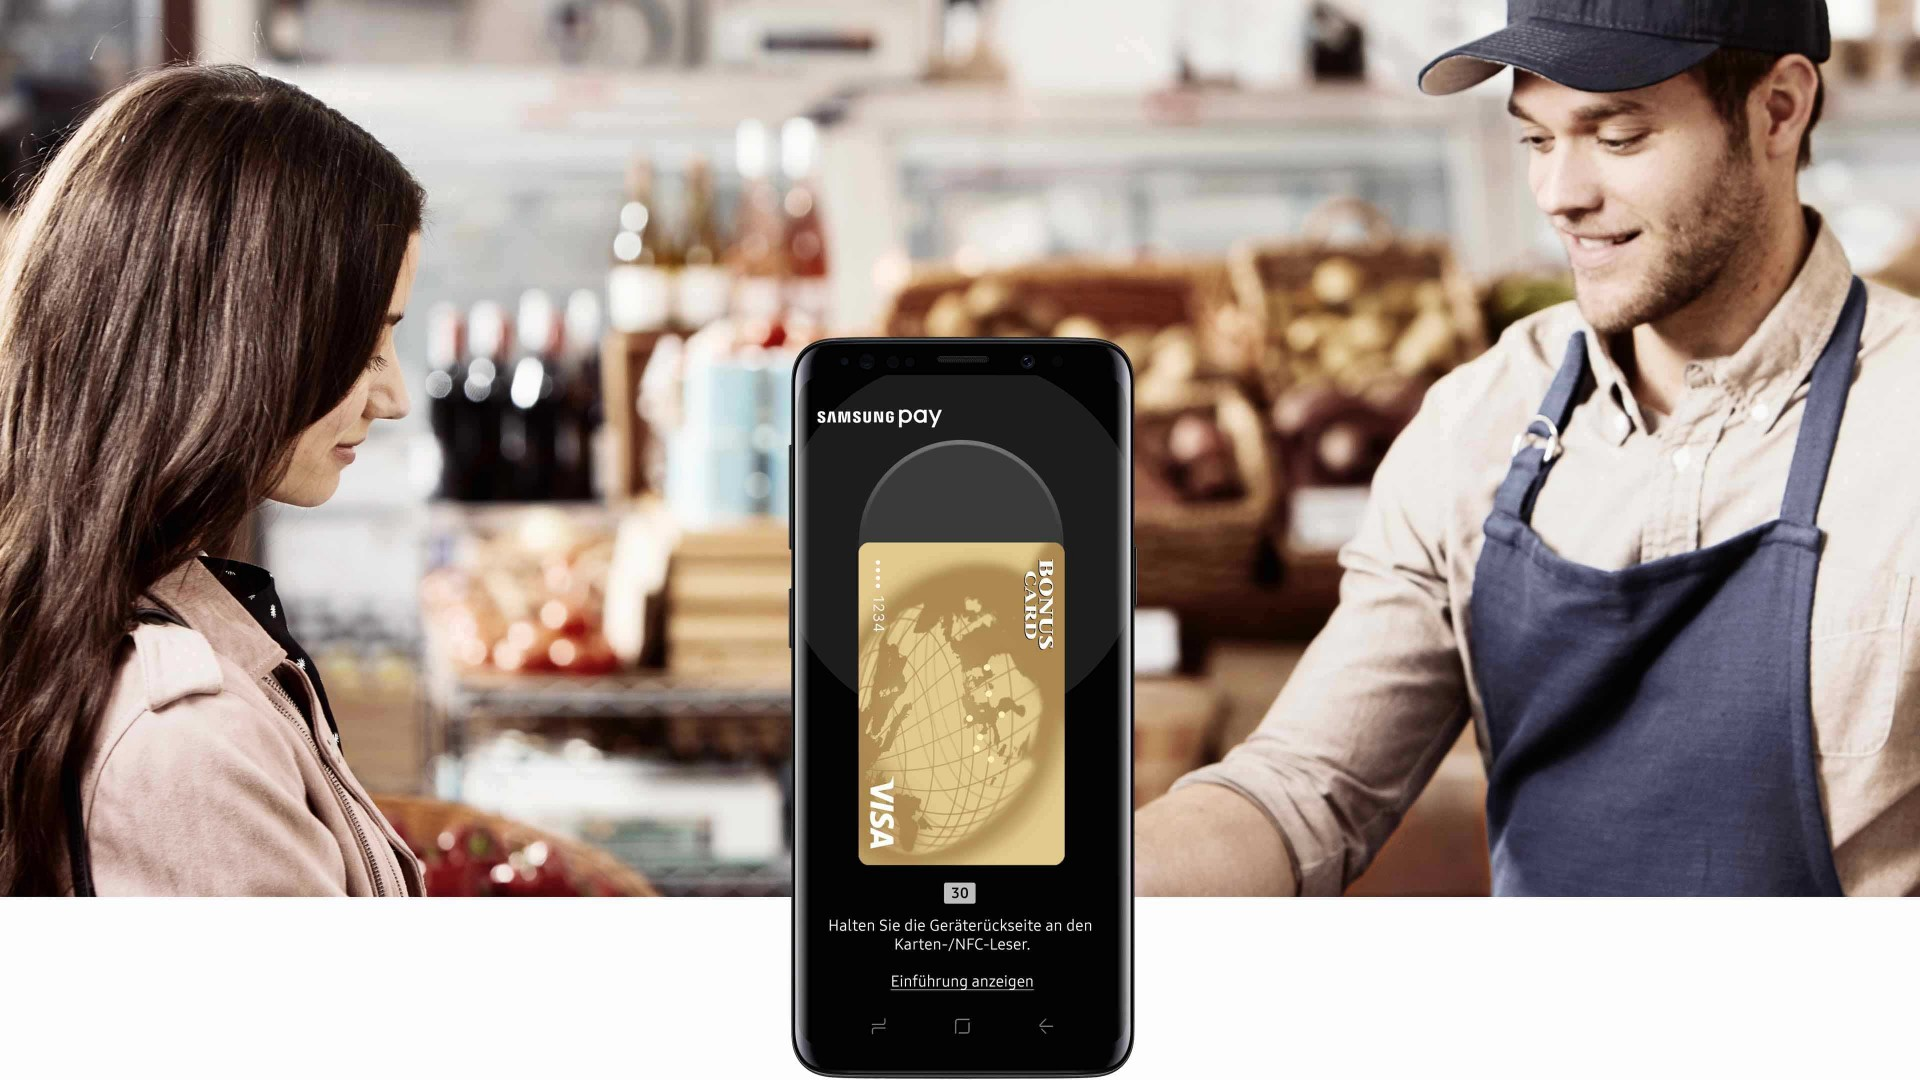 Bonuscard Samsung Pay